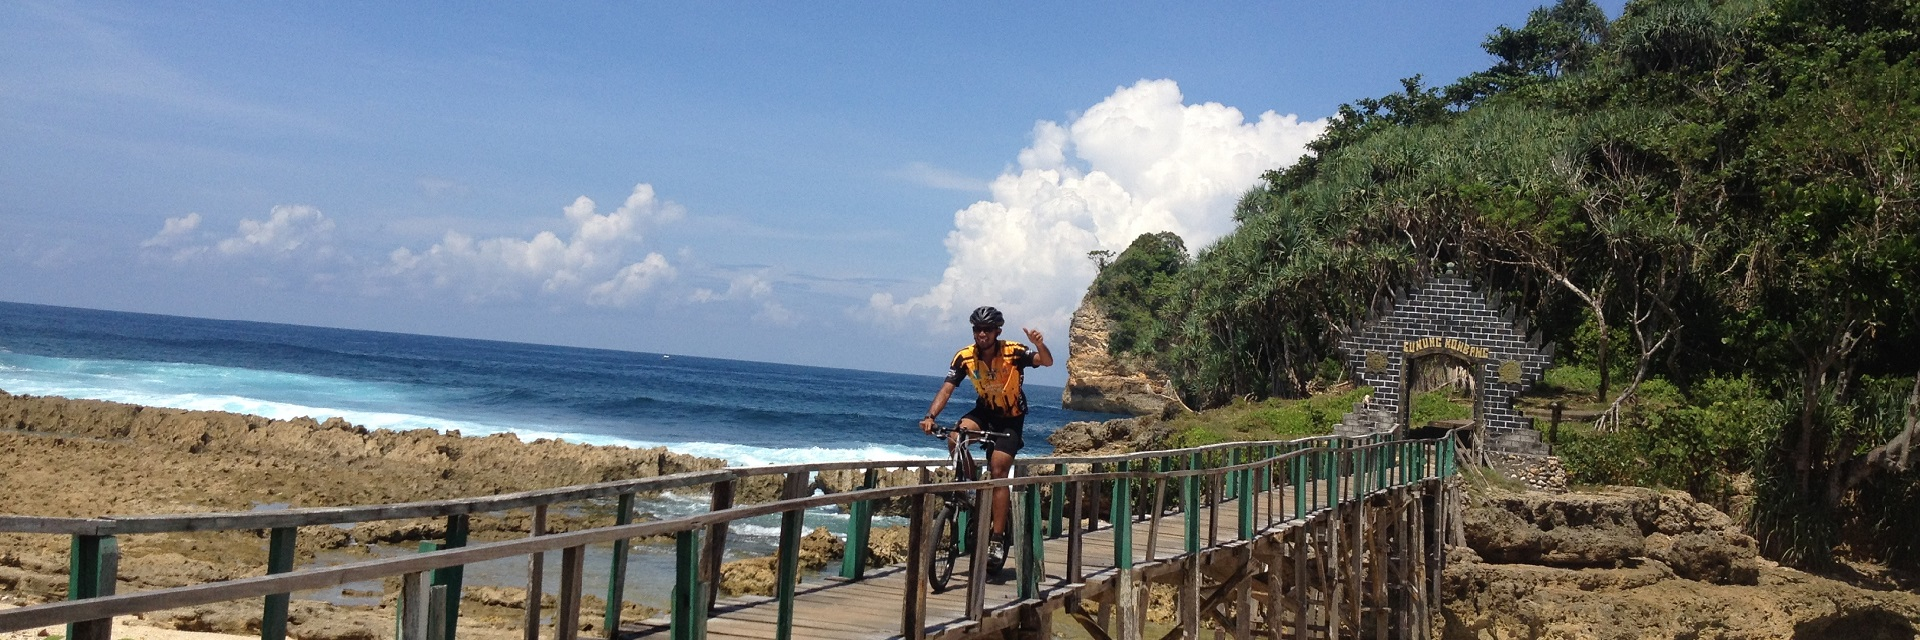 Pantai Malang, Malang, Kota Malang, Dolan Dolen, Dolaners Pantai Malang via BAGUS GOWES - Dolan Dolen